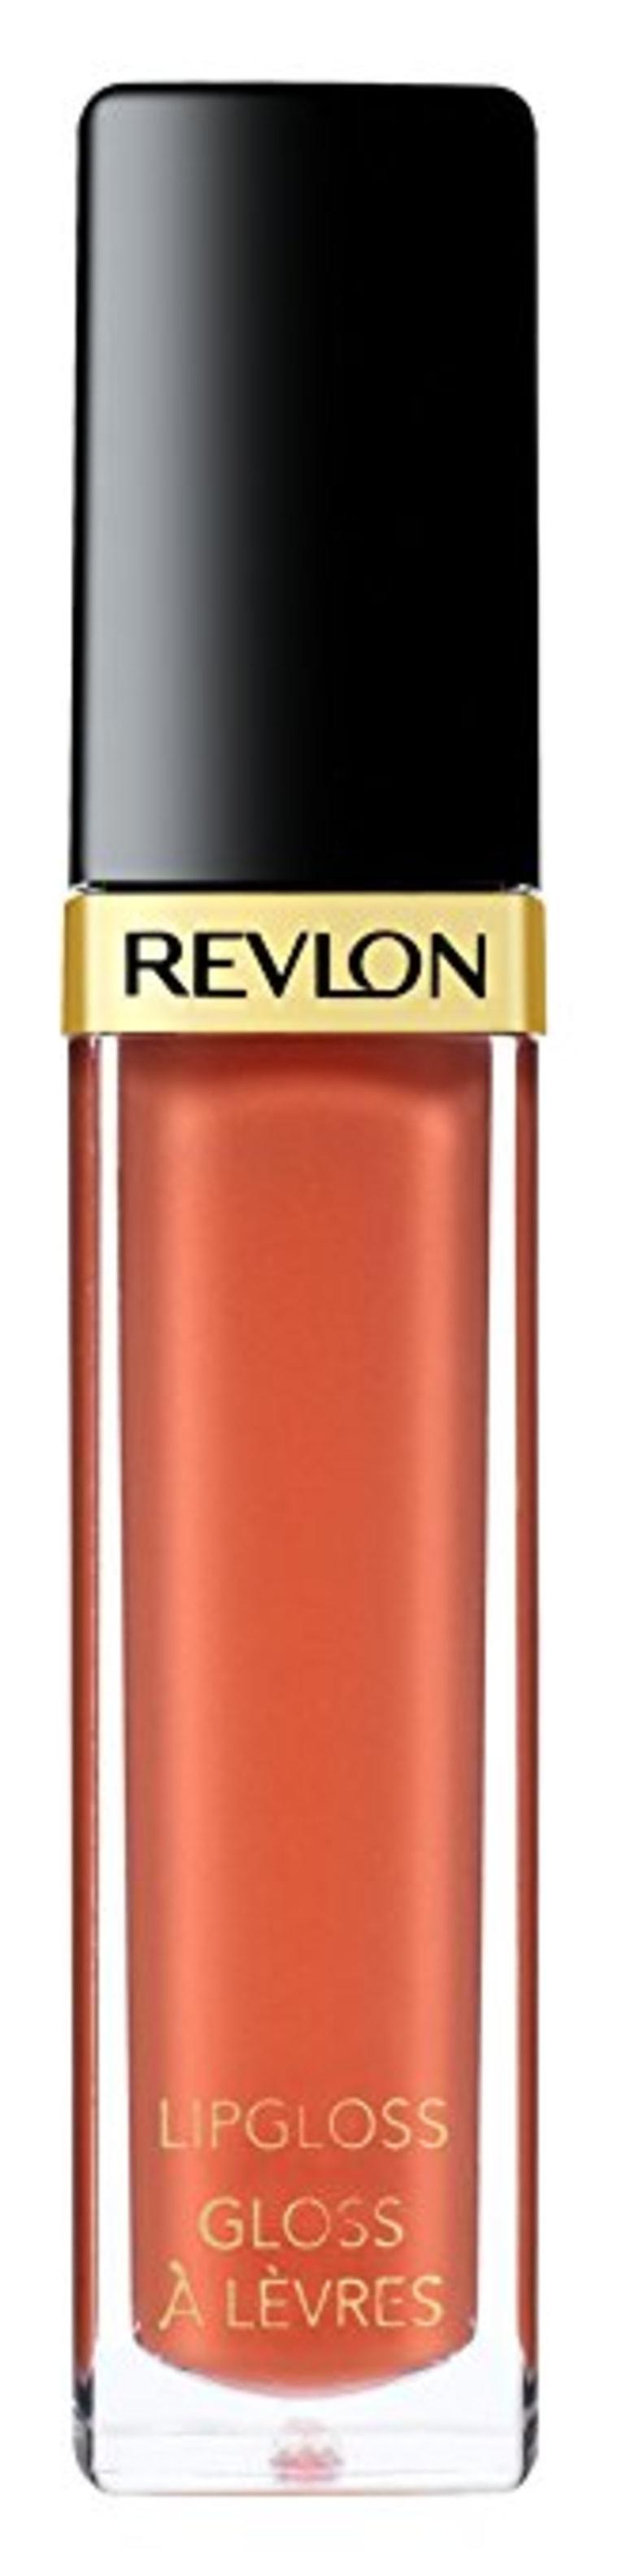 Revlon Super Lustrous Gloss